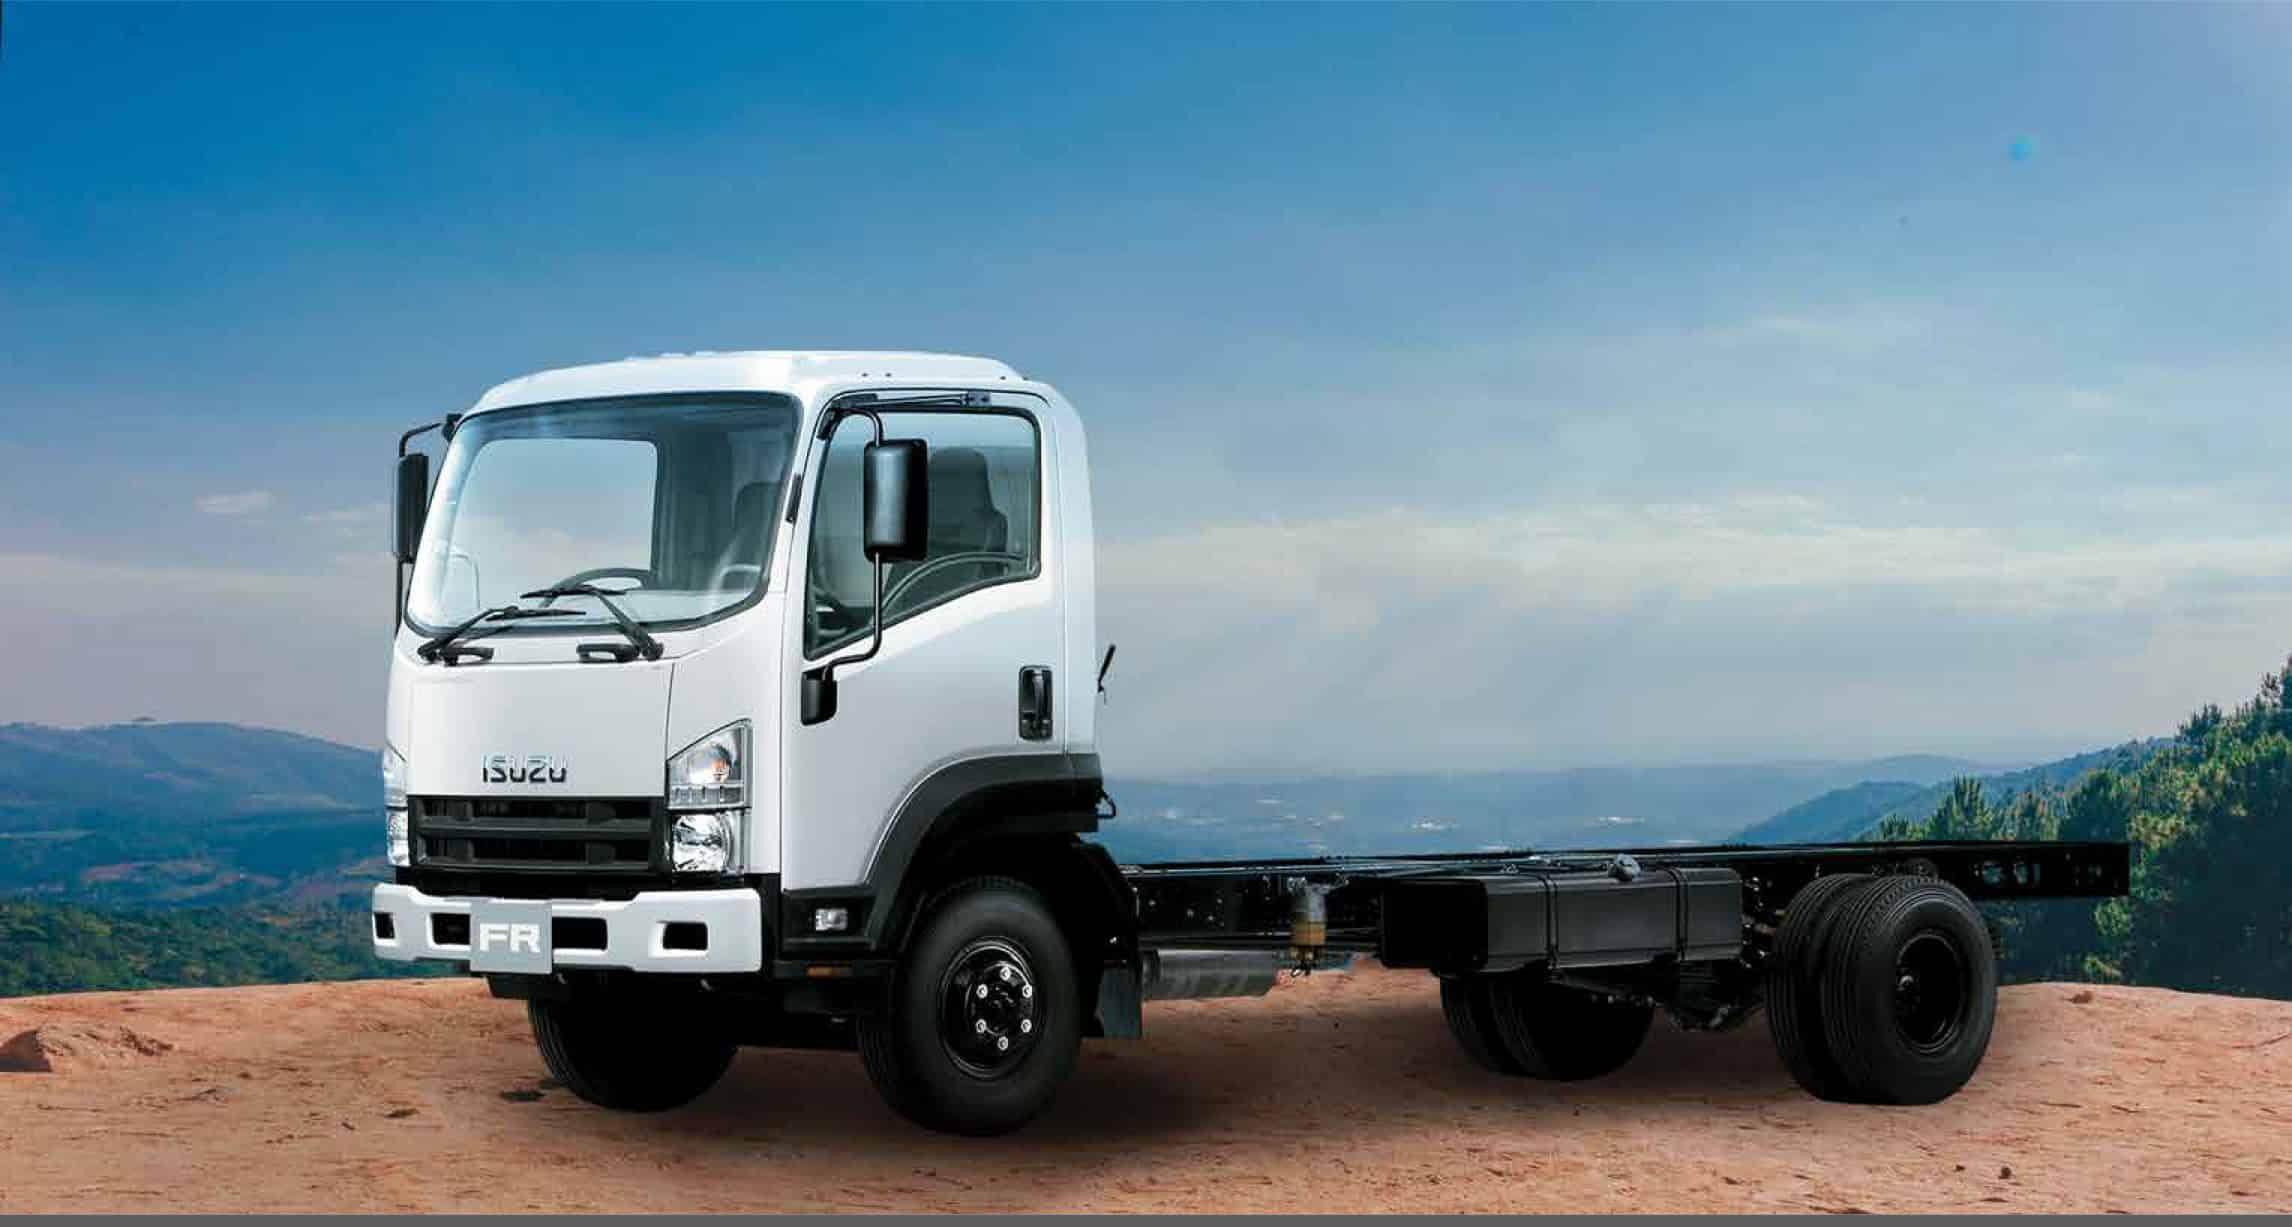 camiones-isuzu-costarica